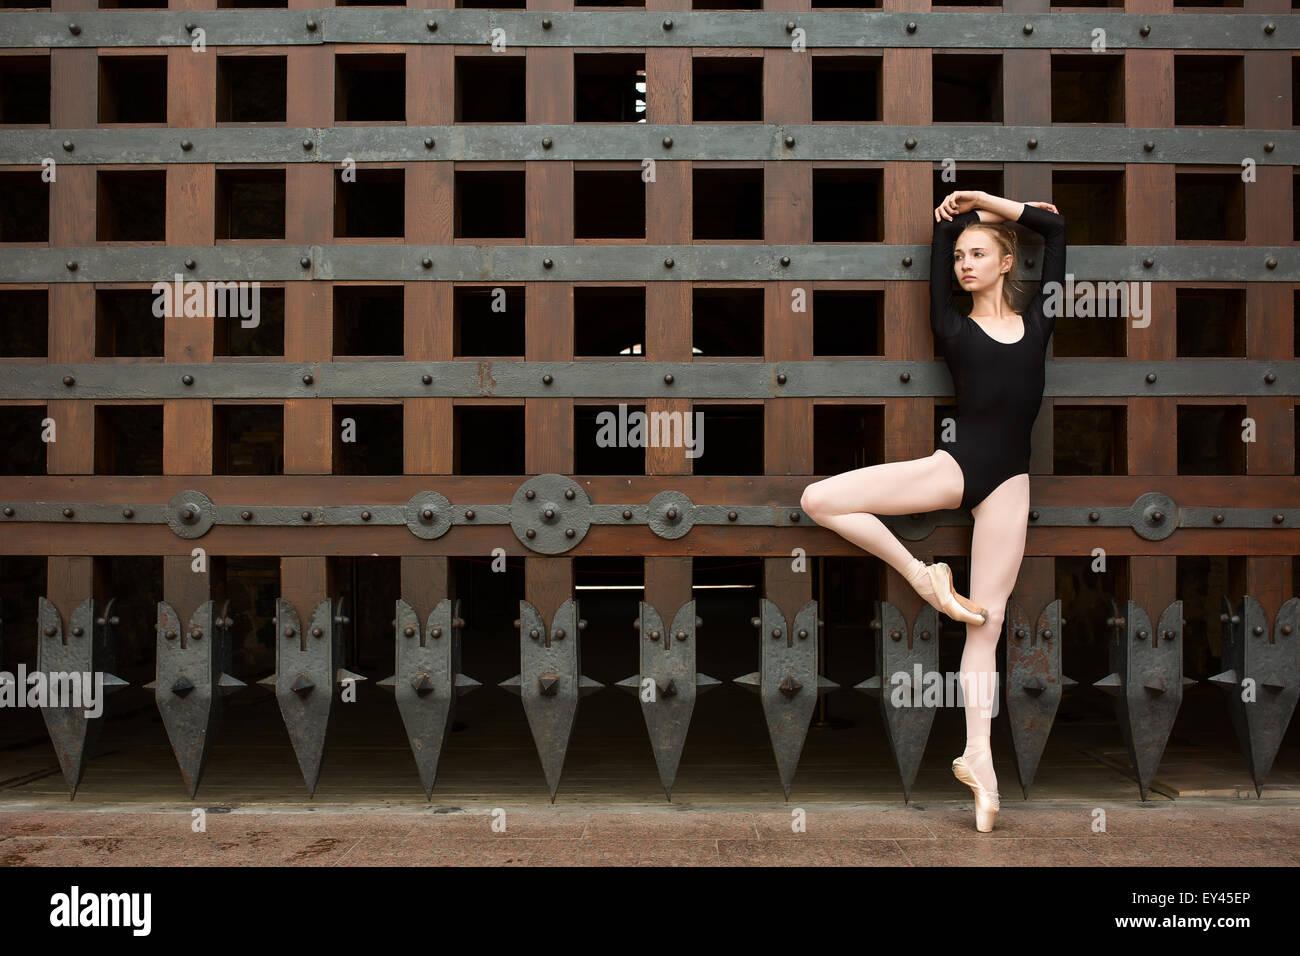 Danseuse Slim se tient sur une jambe près de l'ancienne porte Photo Stock